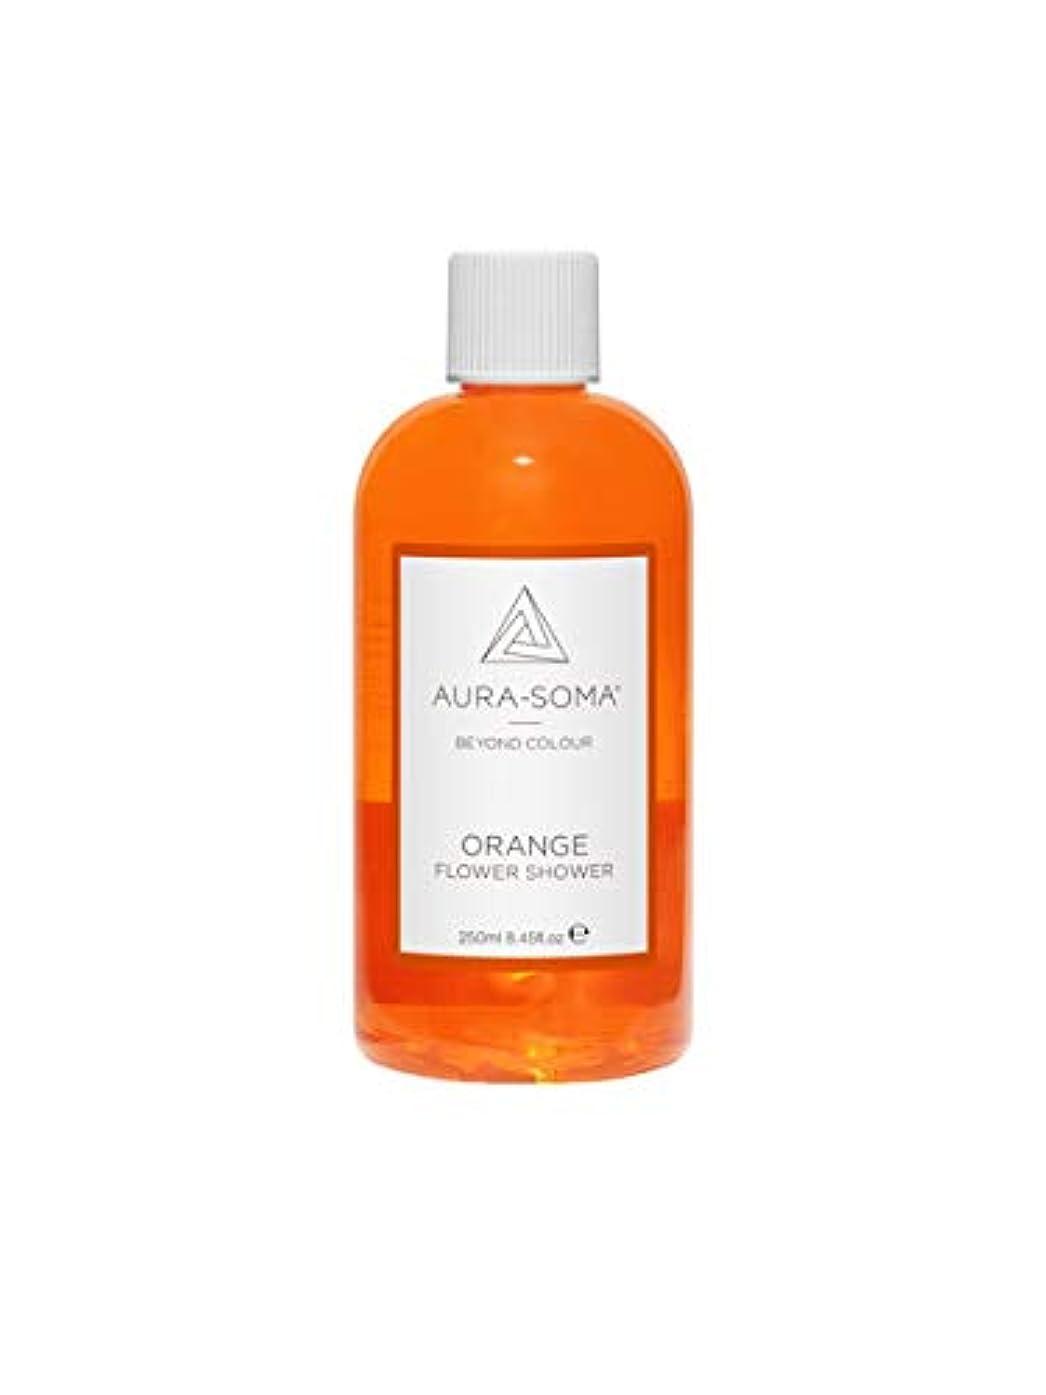 非常に怒っています壮大中フラワーシャワー 250ml オレンジ